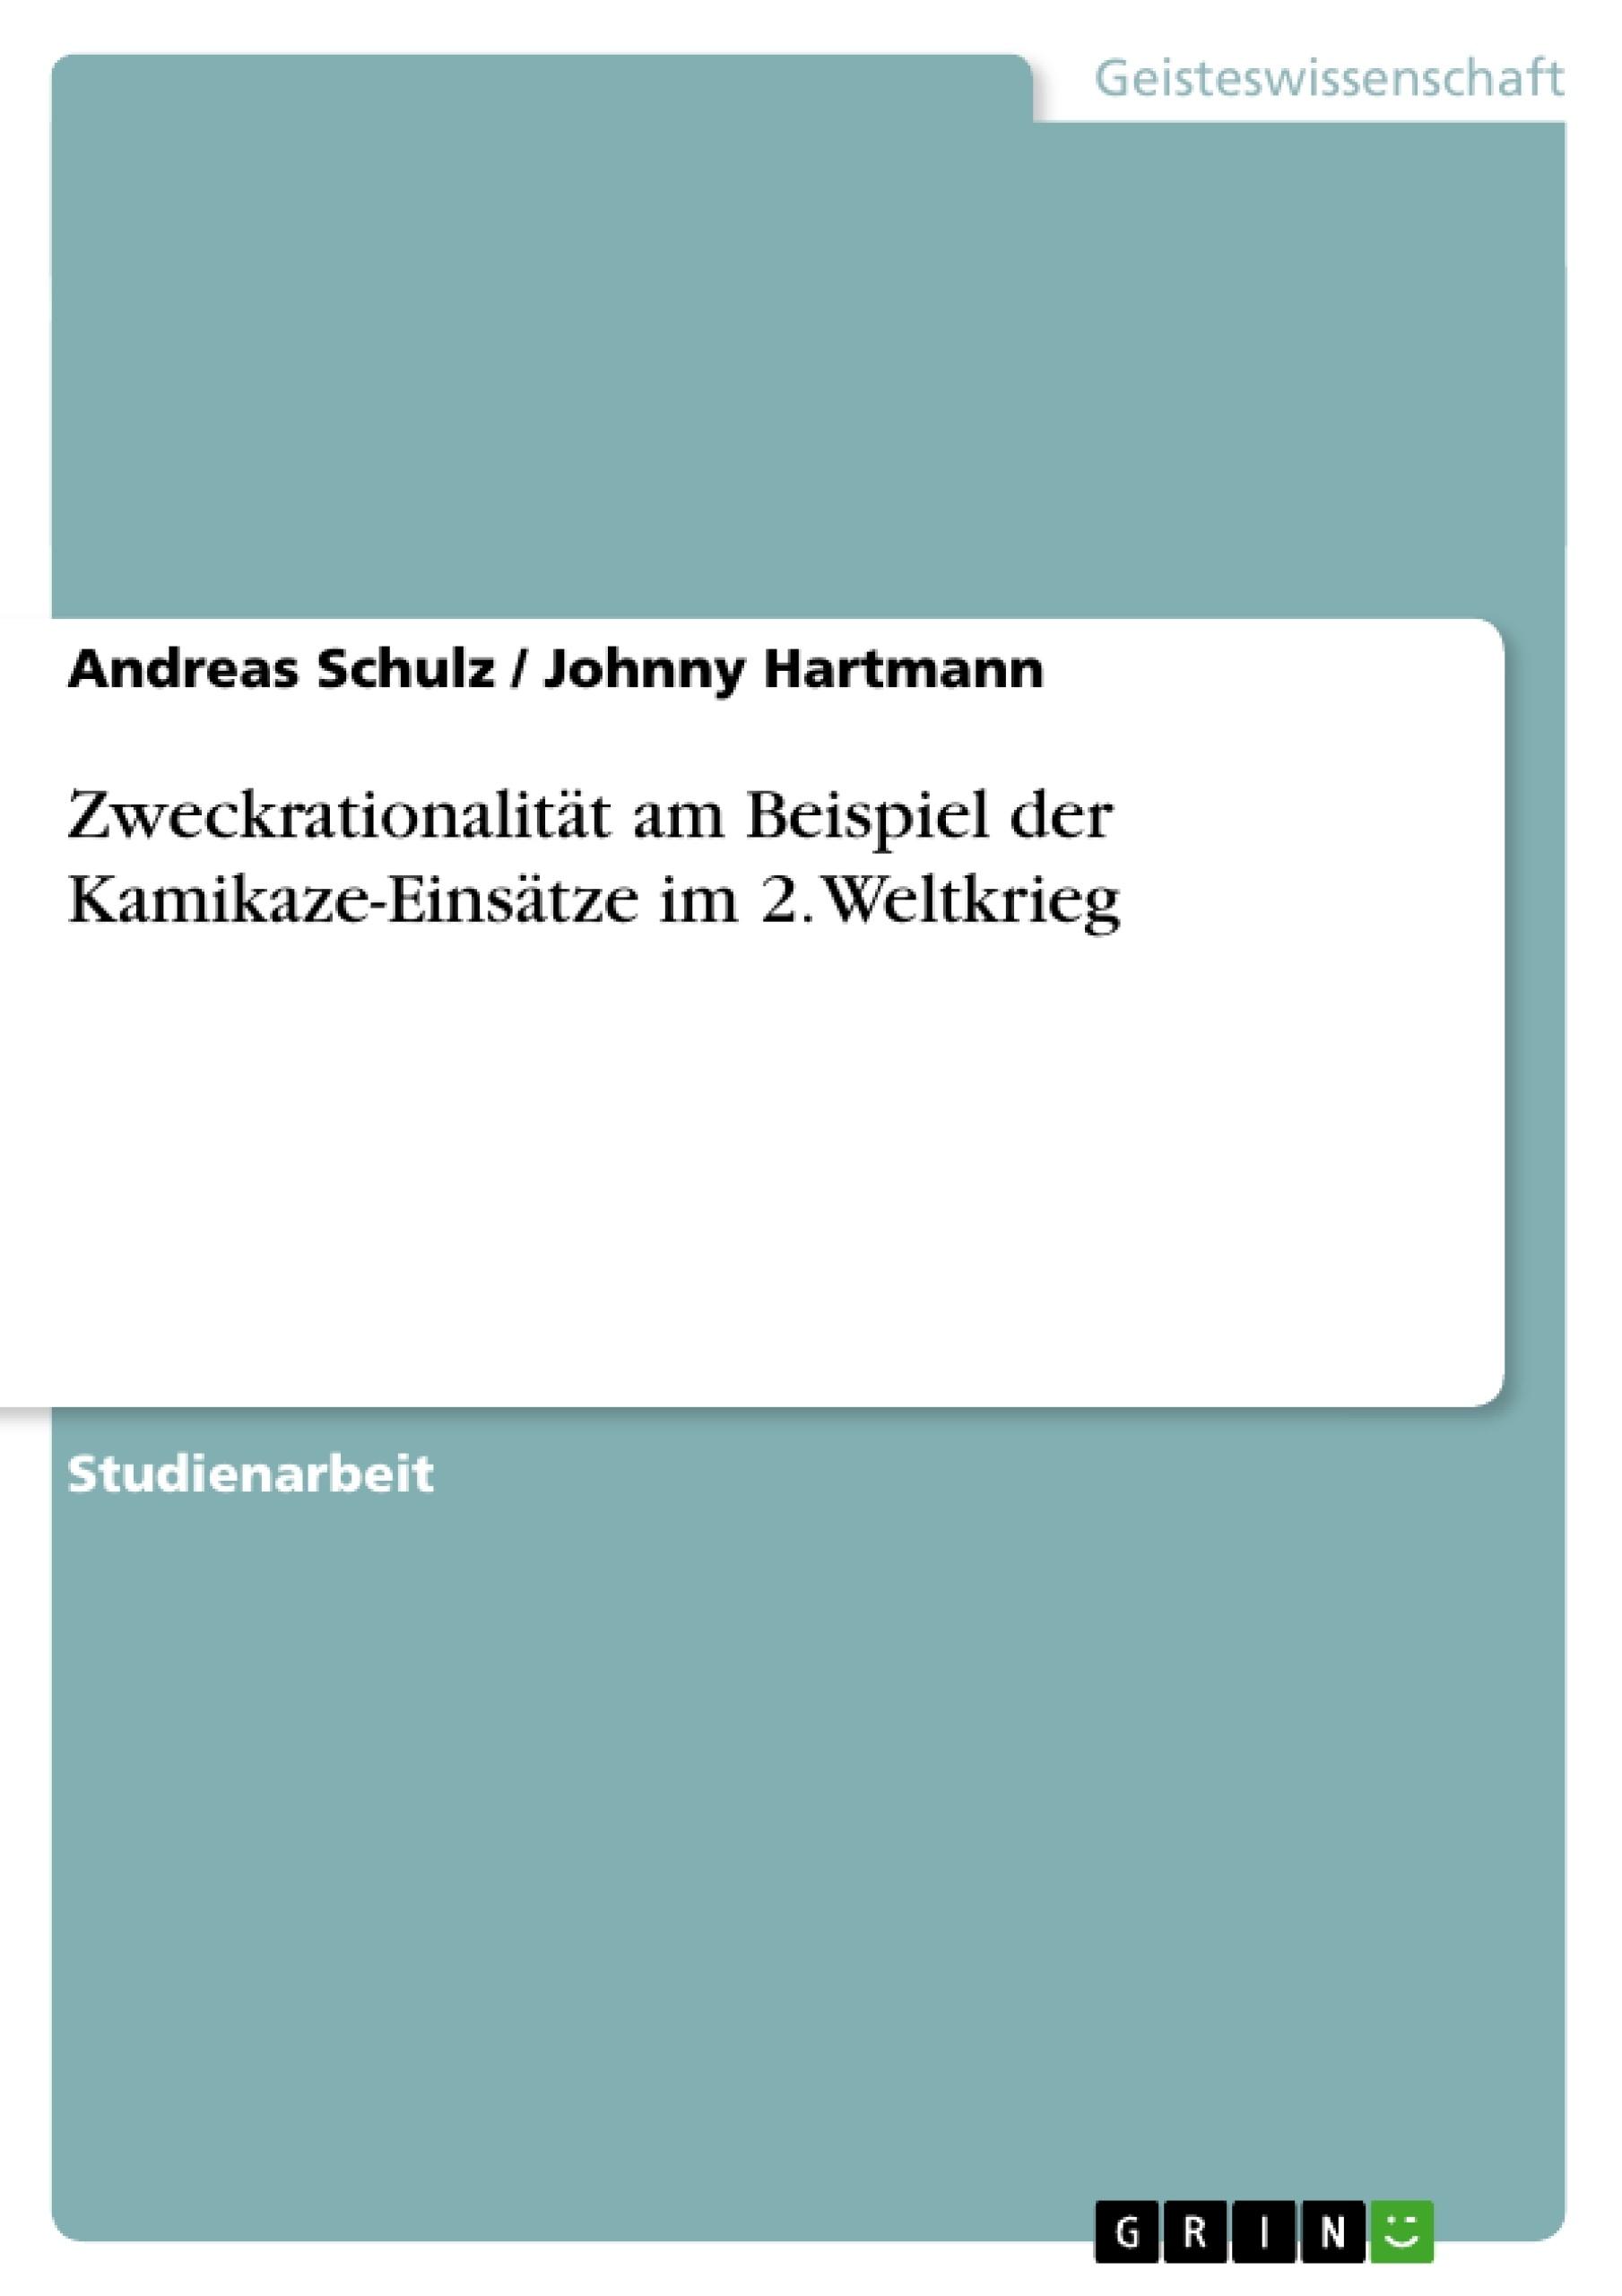 Titel: Zweckrationalität am Beispiel der Kamikaze-Einsätze im 2. Weltkrieg